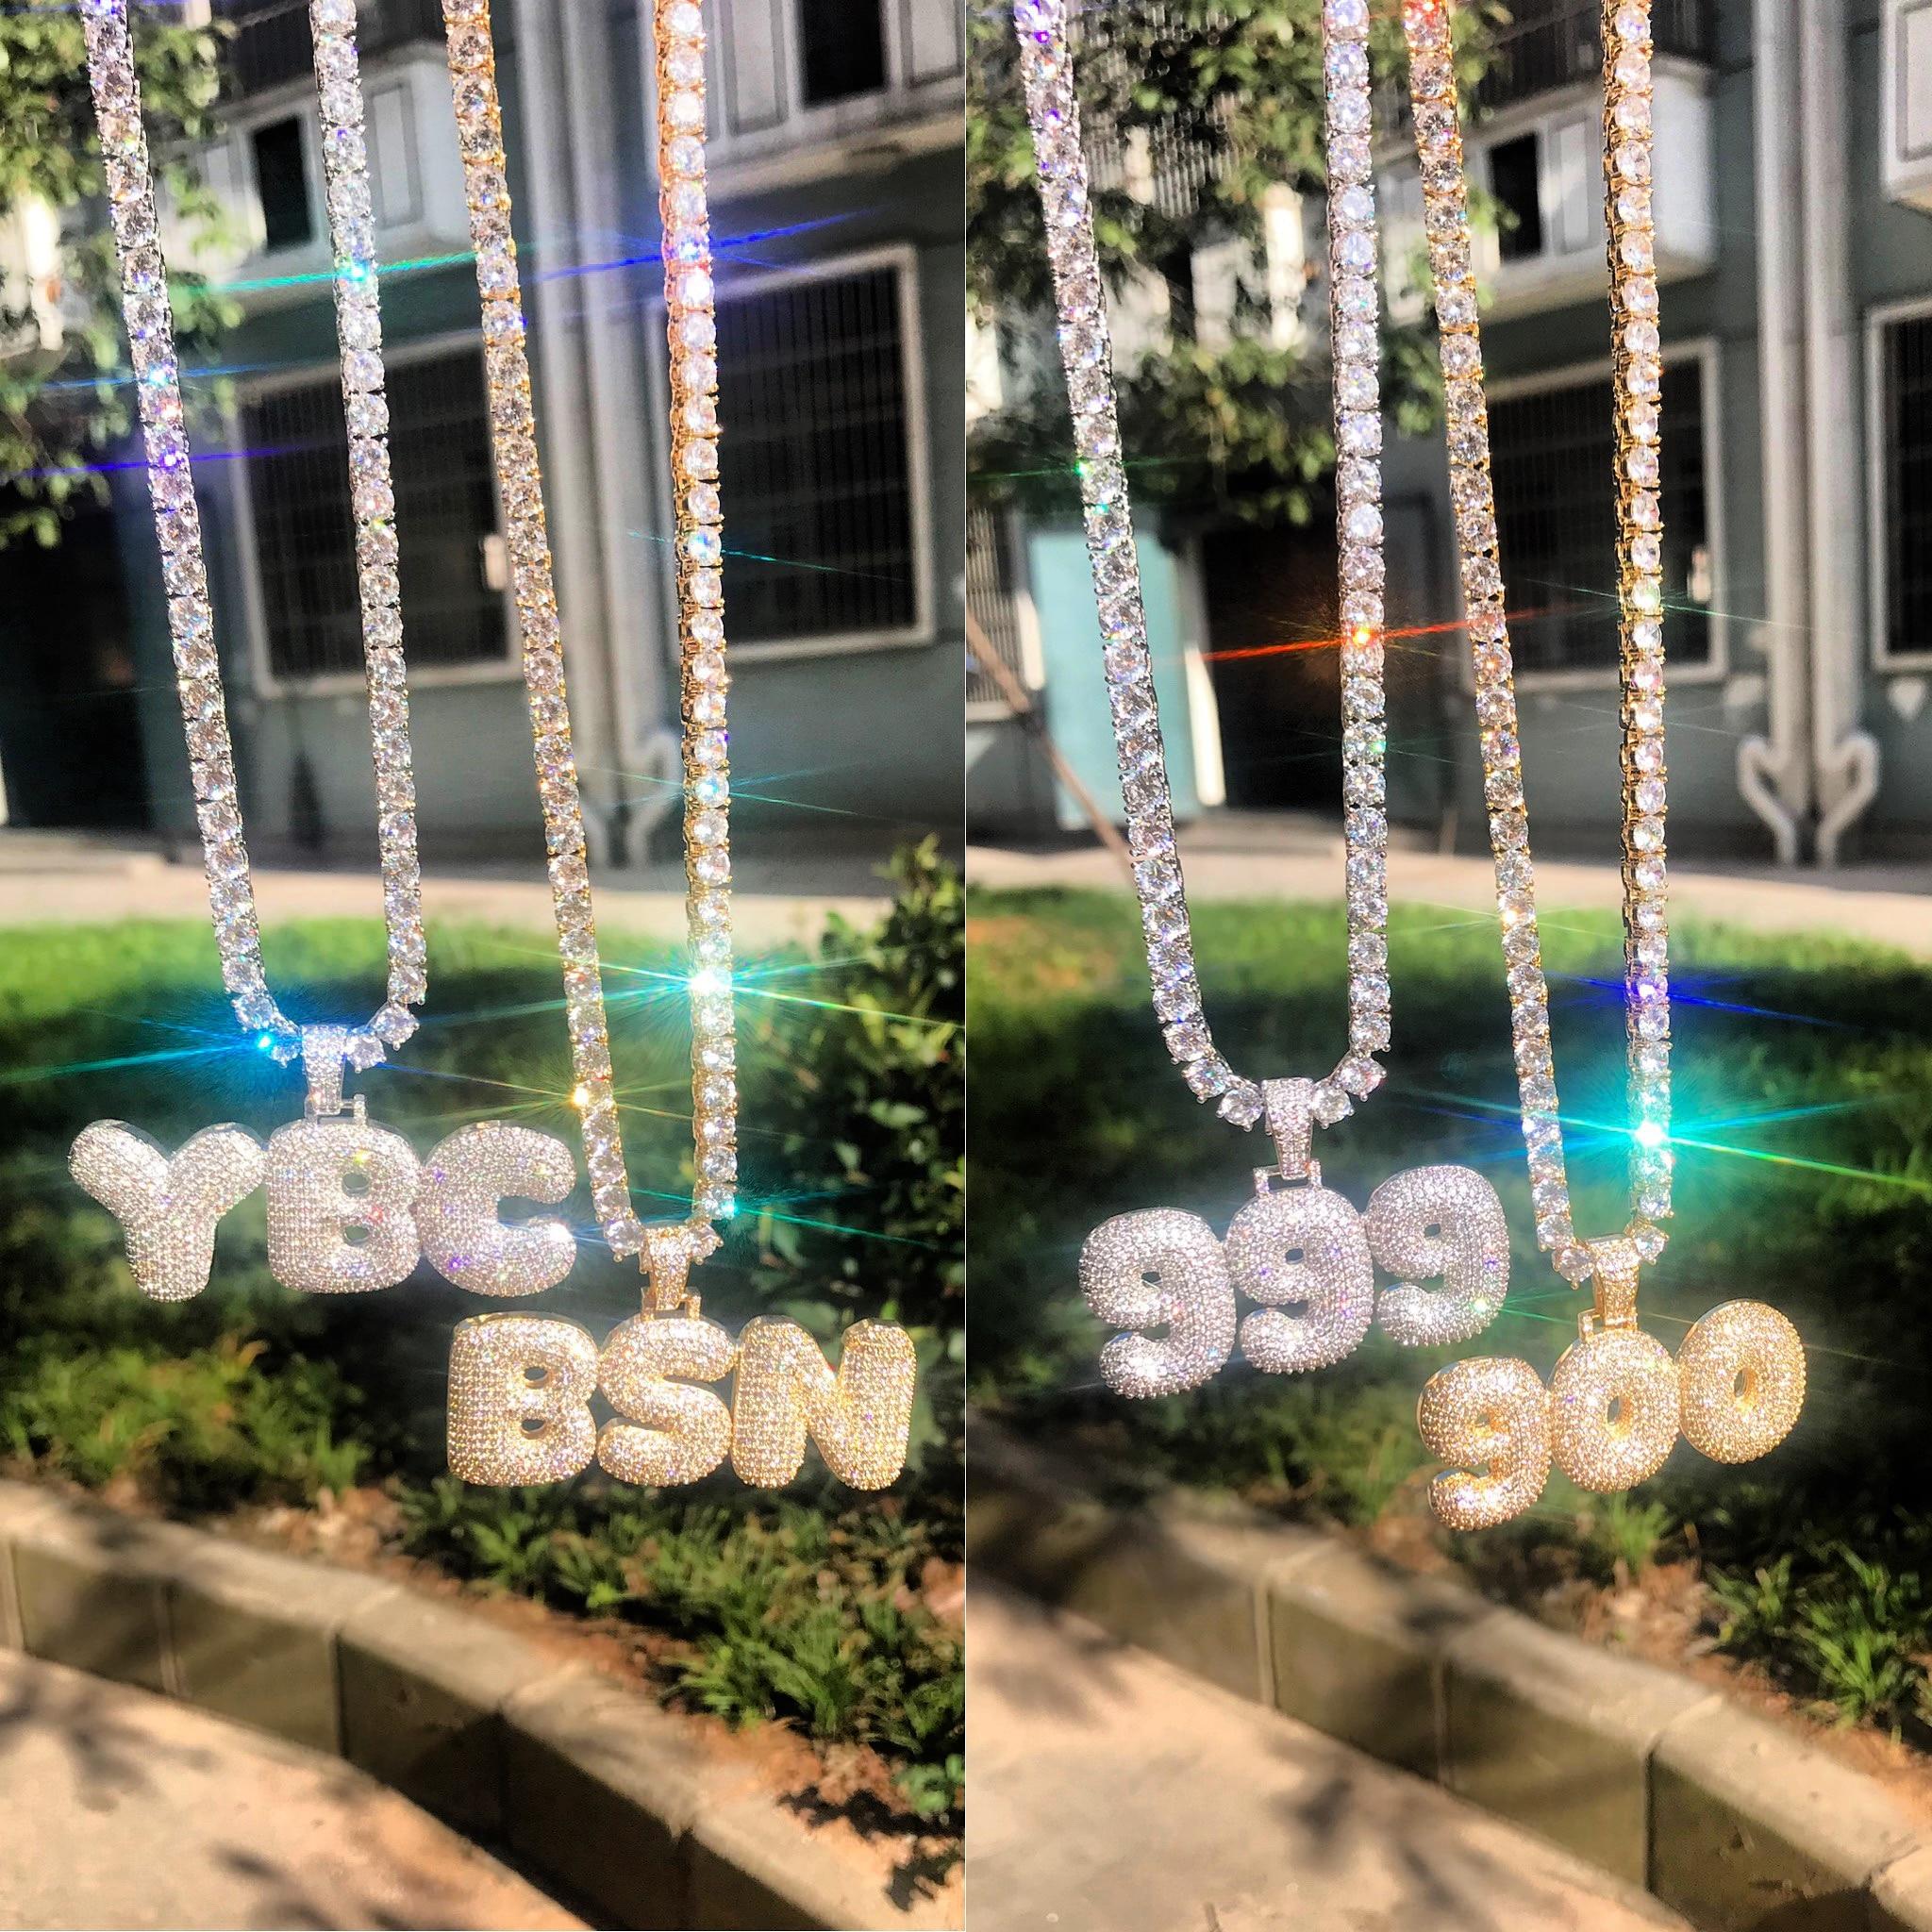 Image 3 - Пользовательское имя пузырь цепочка с буквами ожерелья с подвесками для мужчин Циркон хип хоп ювелирные изделия с 4 мм золото серебро теннисная цепь-in Ожерелья-цепочки from Украшения и аксессуары